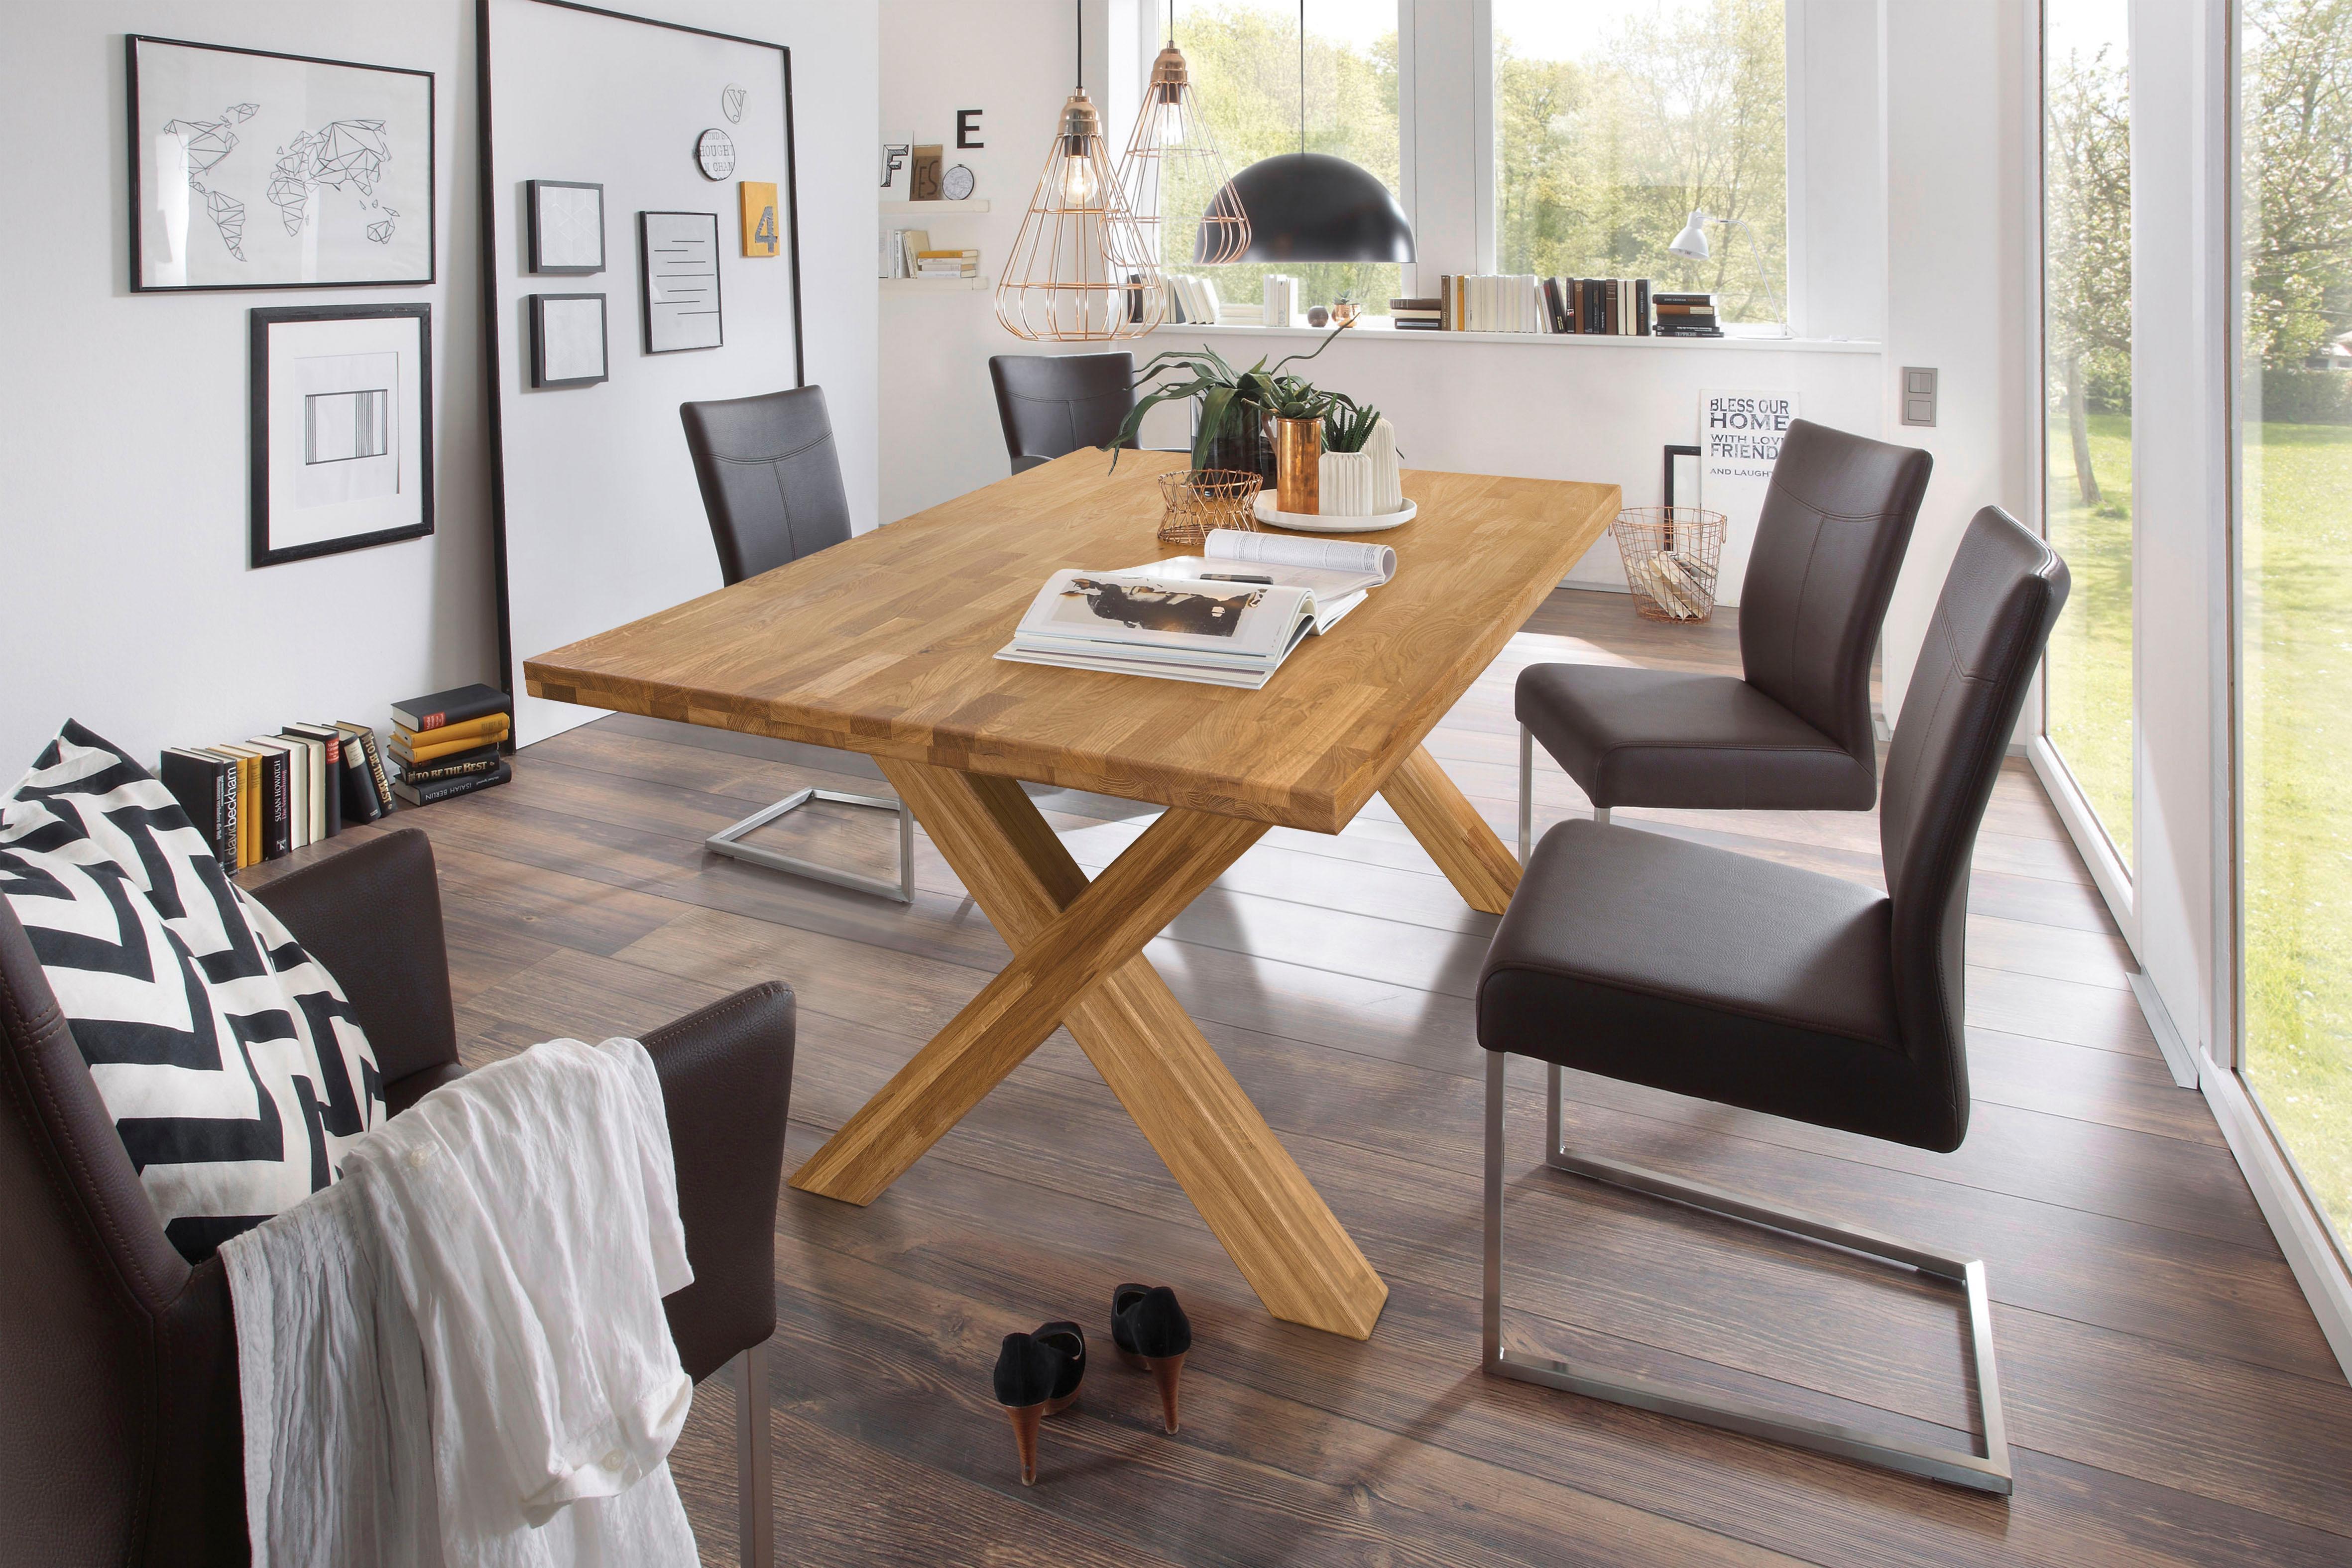 home affaire esstisch kirais aus massivem eichenholz mit modernen beingestell in x form breite 200 cm